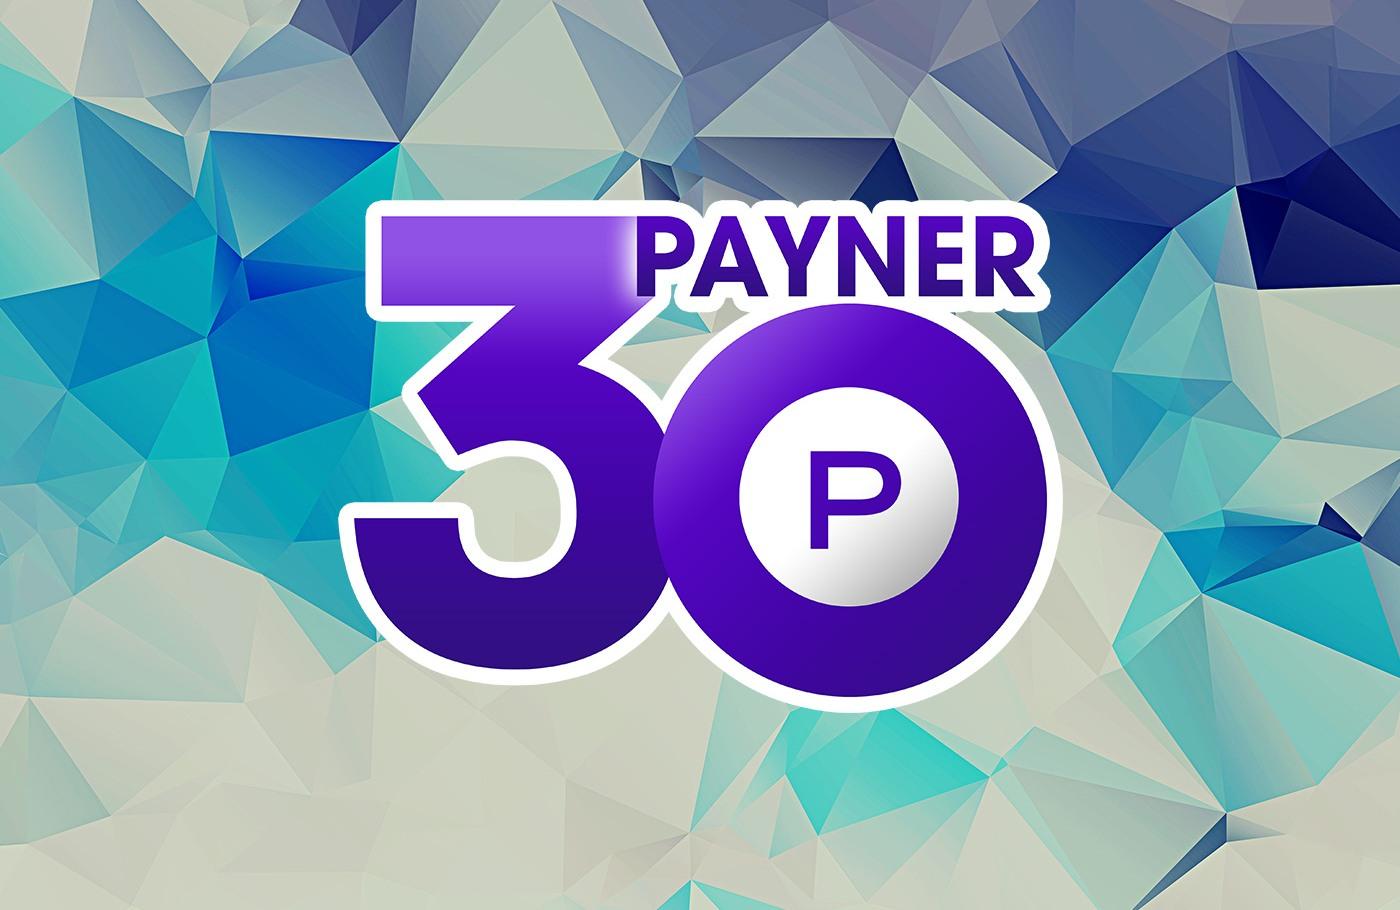 """Играта """"Пайнер 30"""" носи награди на феновете"""